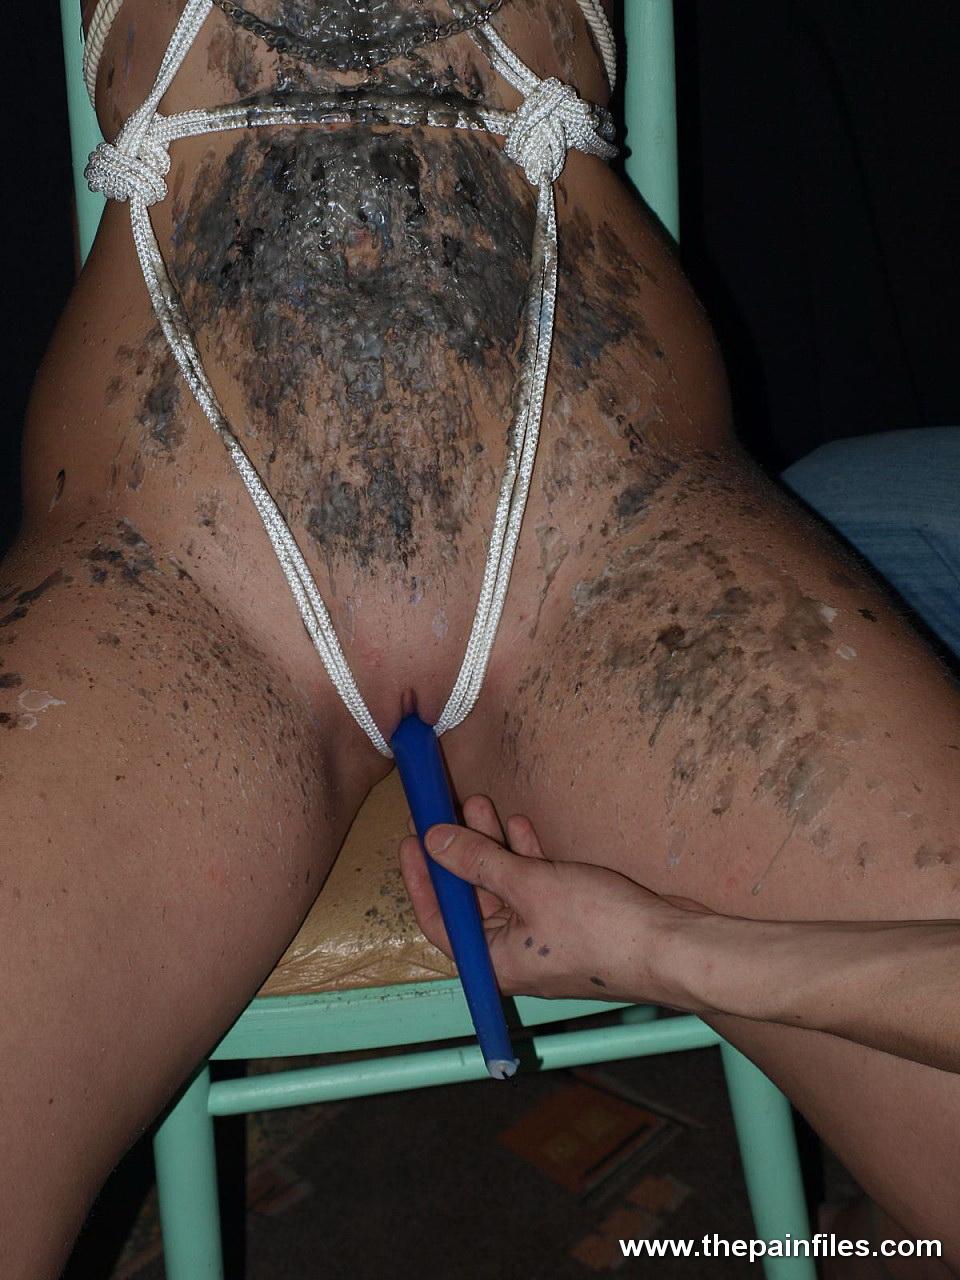 bolivia beautiful sexy naked women